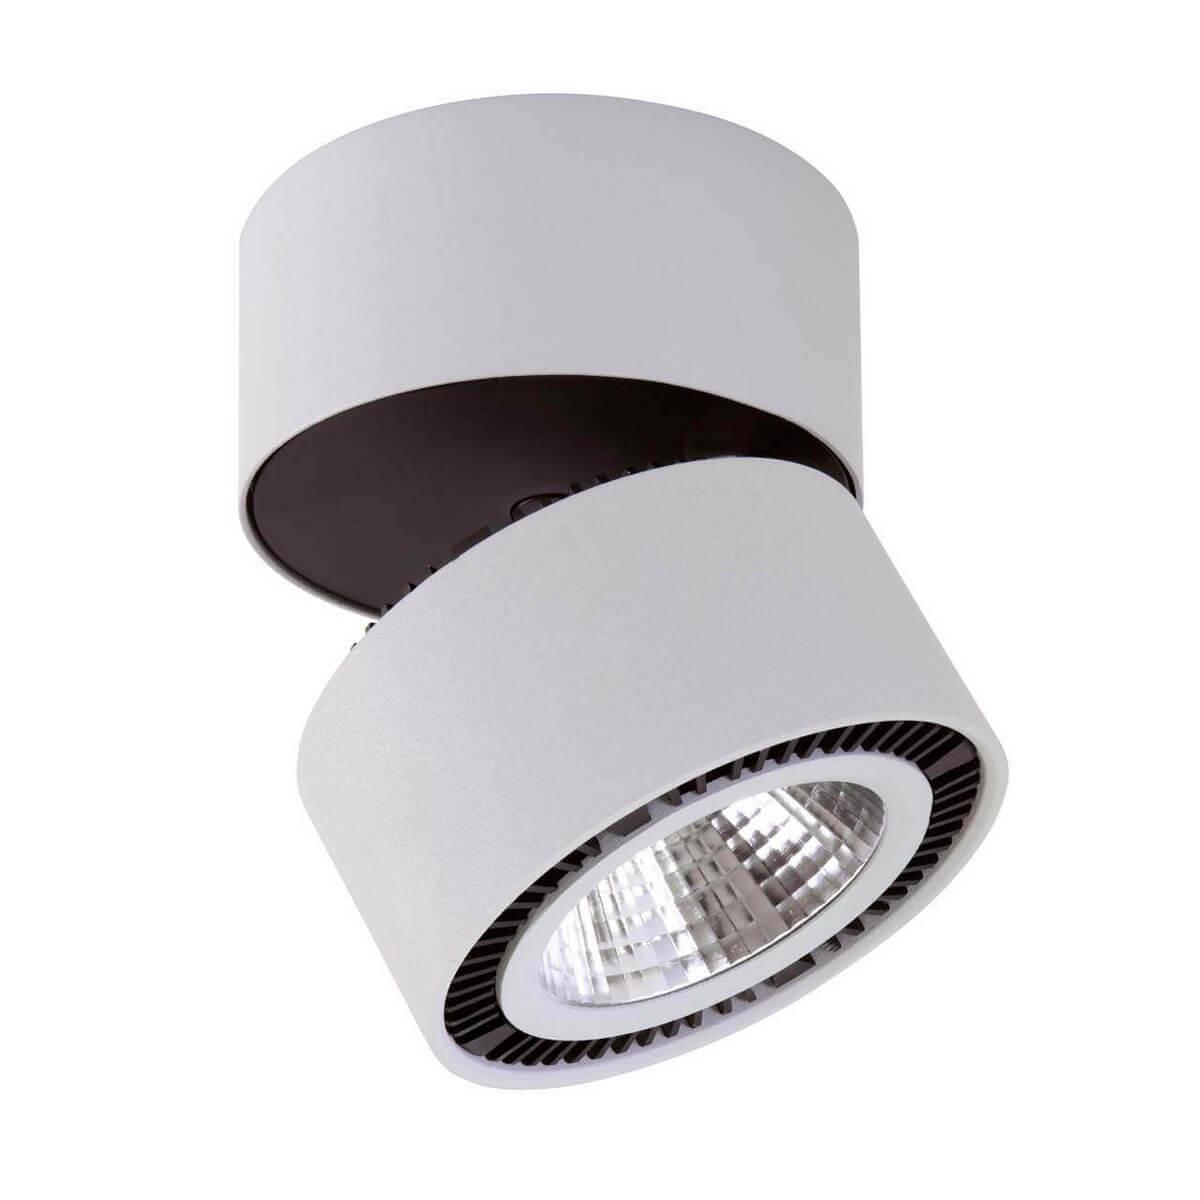 Светильник Lightstar 214839 Forte Muro потолочный светодиодный светильник lightstar forte muro 213839